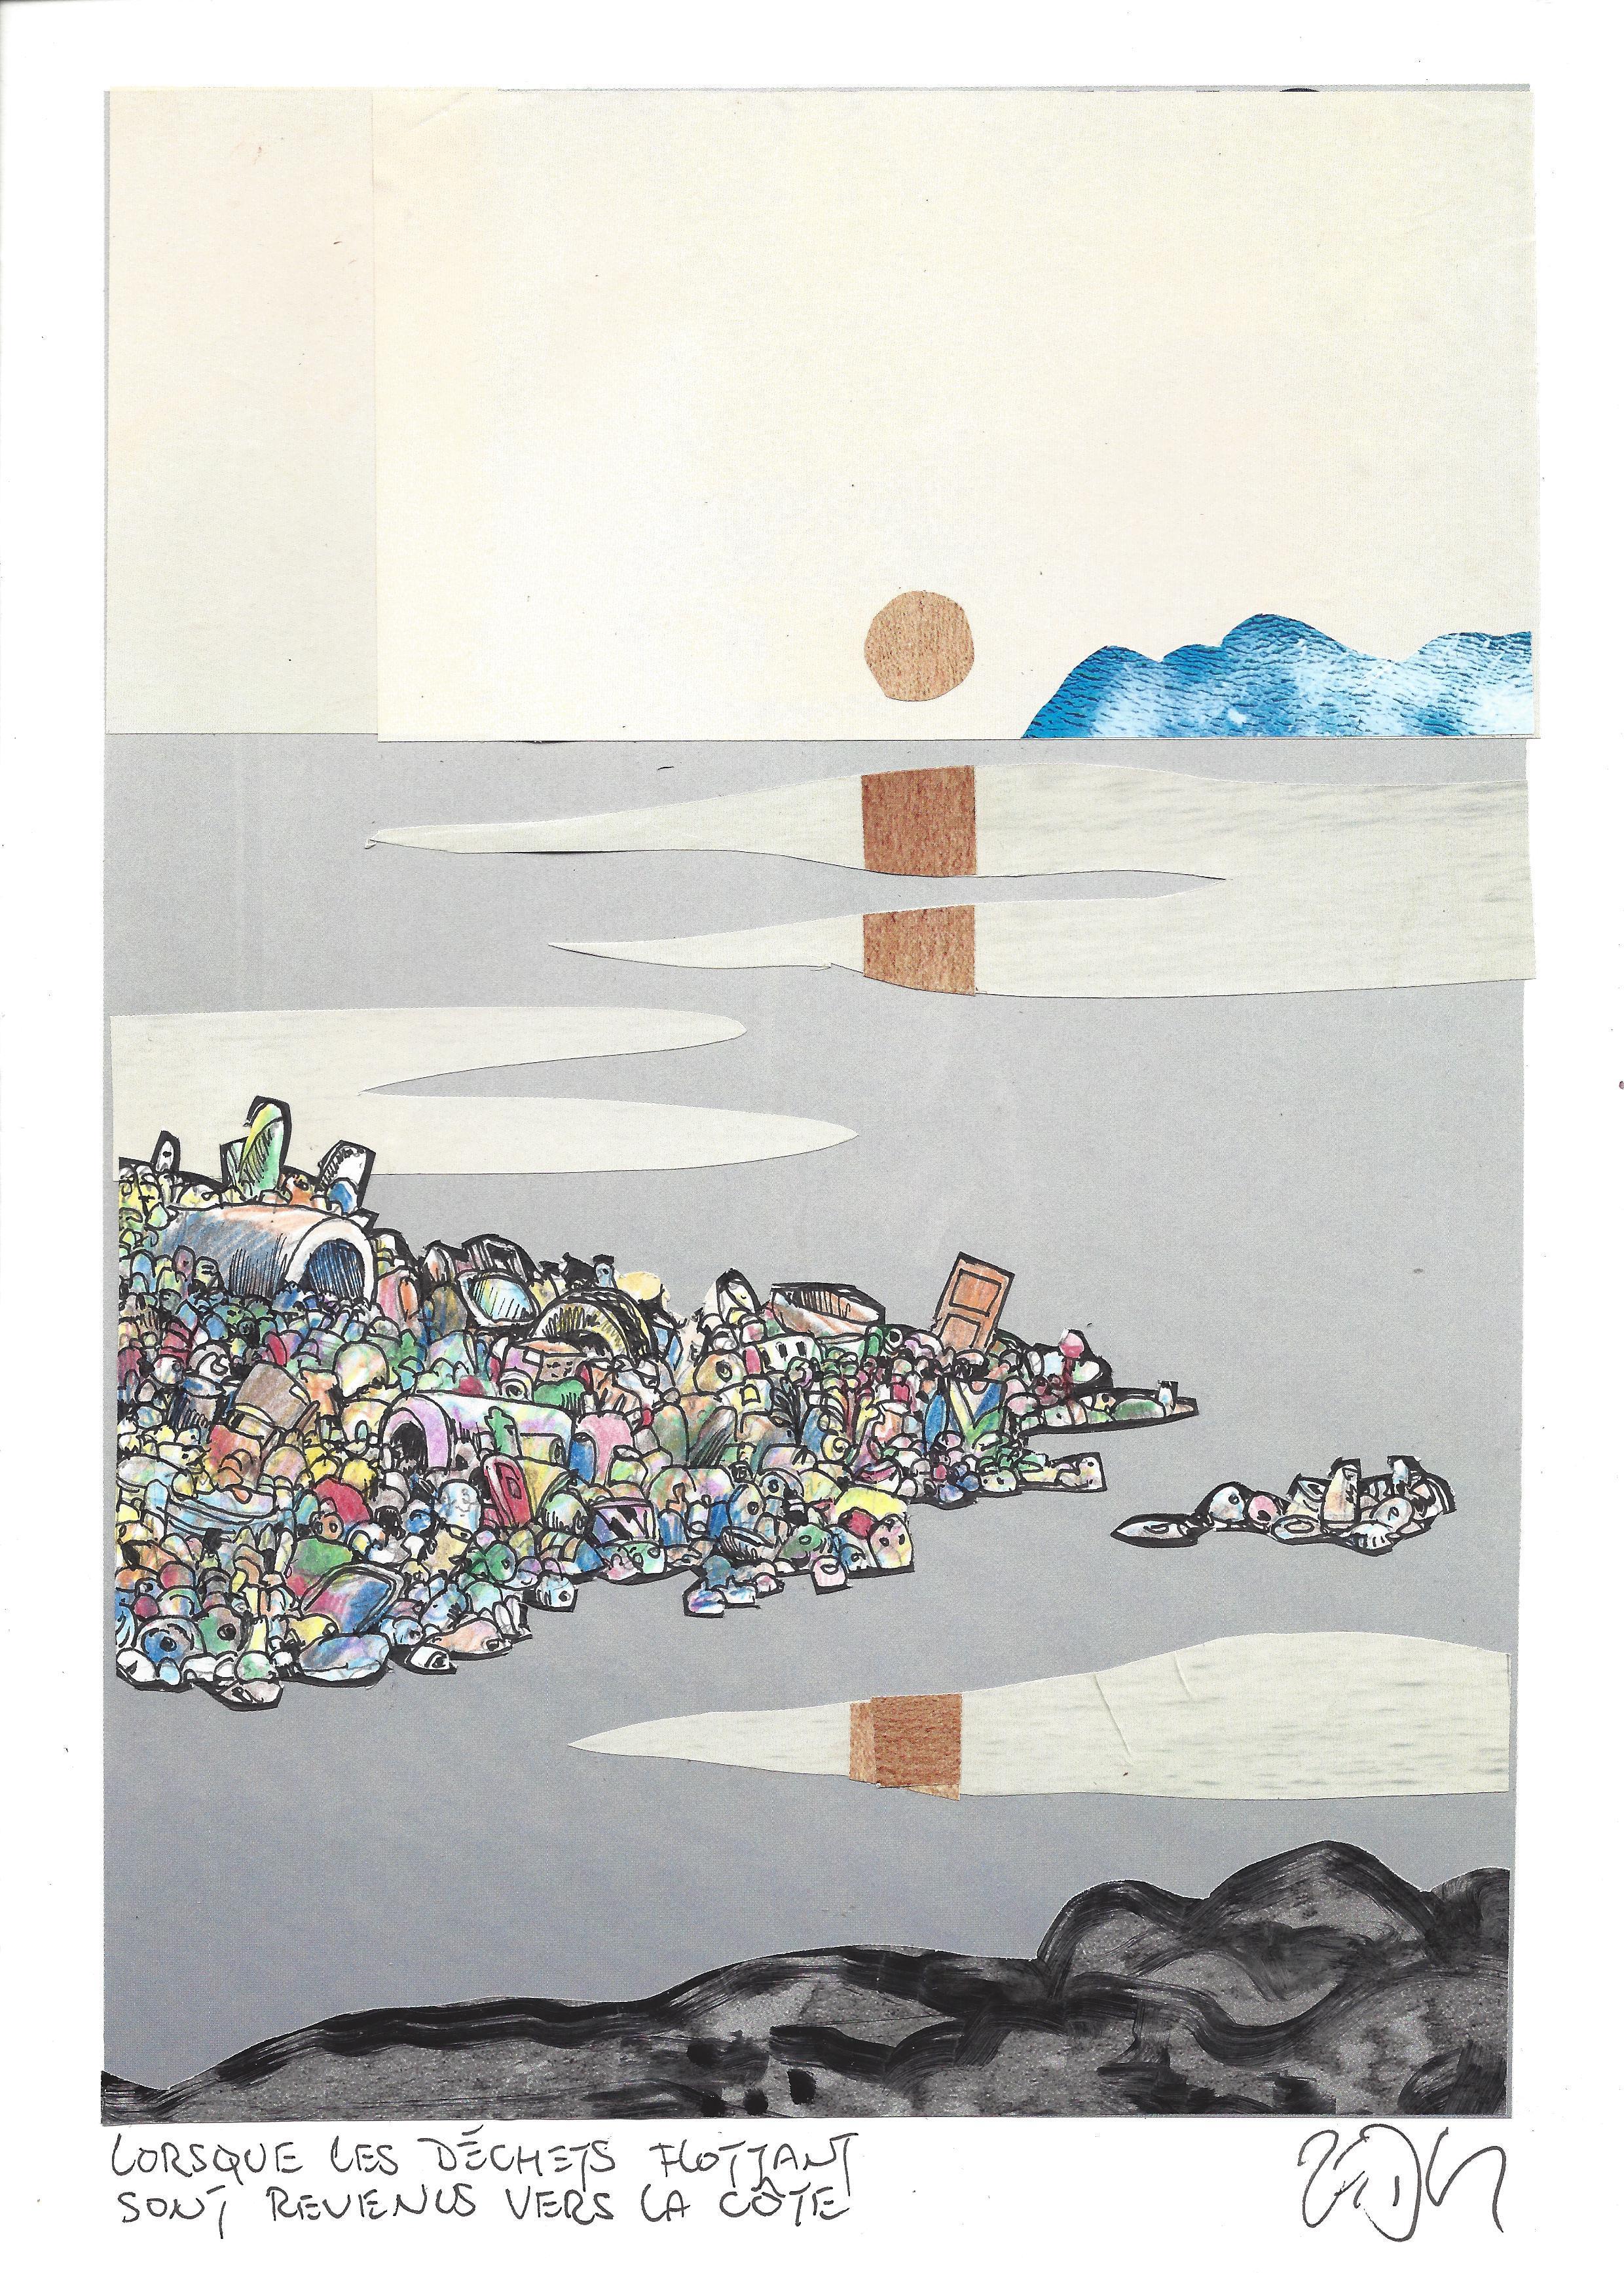 « The day the garbage came floating back in – Lorsque les déchets flottants sont revenus vers la côte »